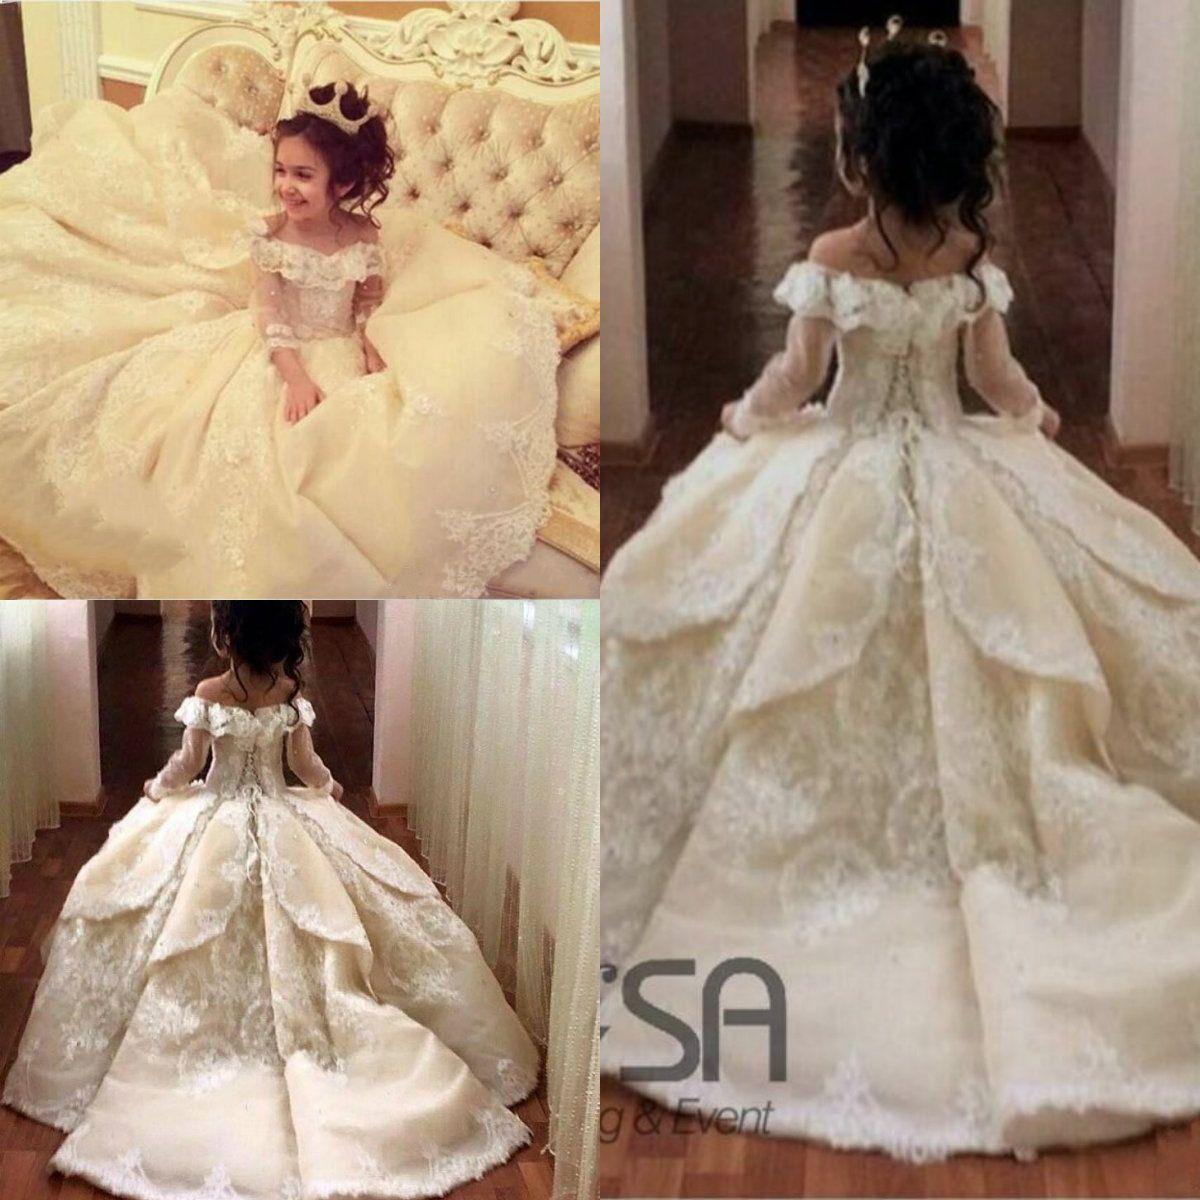 2019 Vintage Principessa Fiore Ragazze Abiti In Pizzo Off-spalla Occasioni Speciali Per Matrimoni Ball Gown Bambini Pageant Abiti Da Comunione Abiti